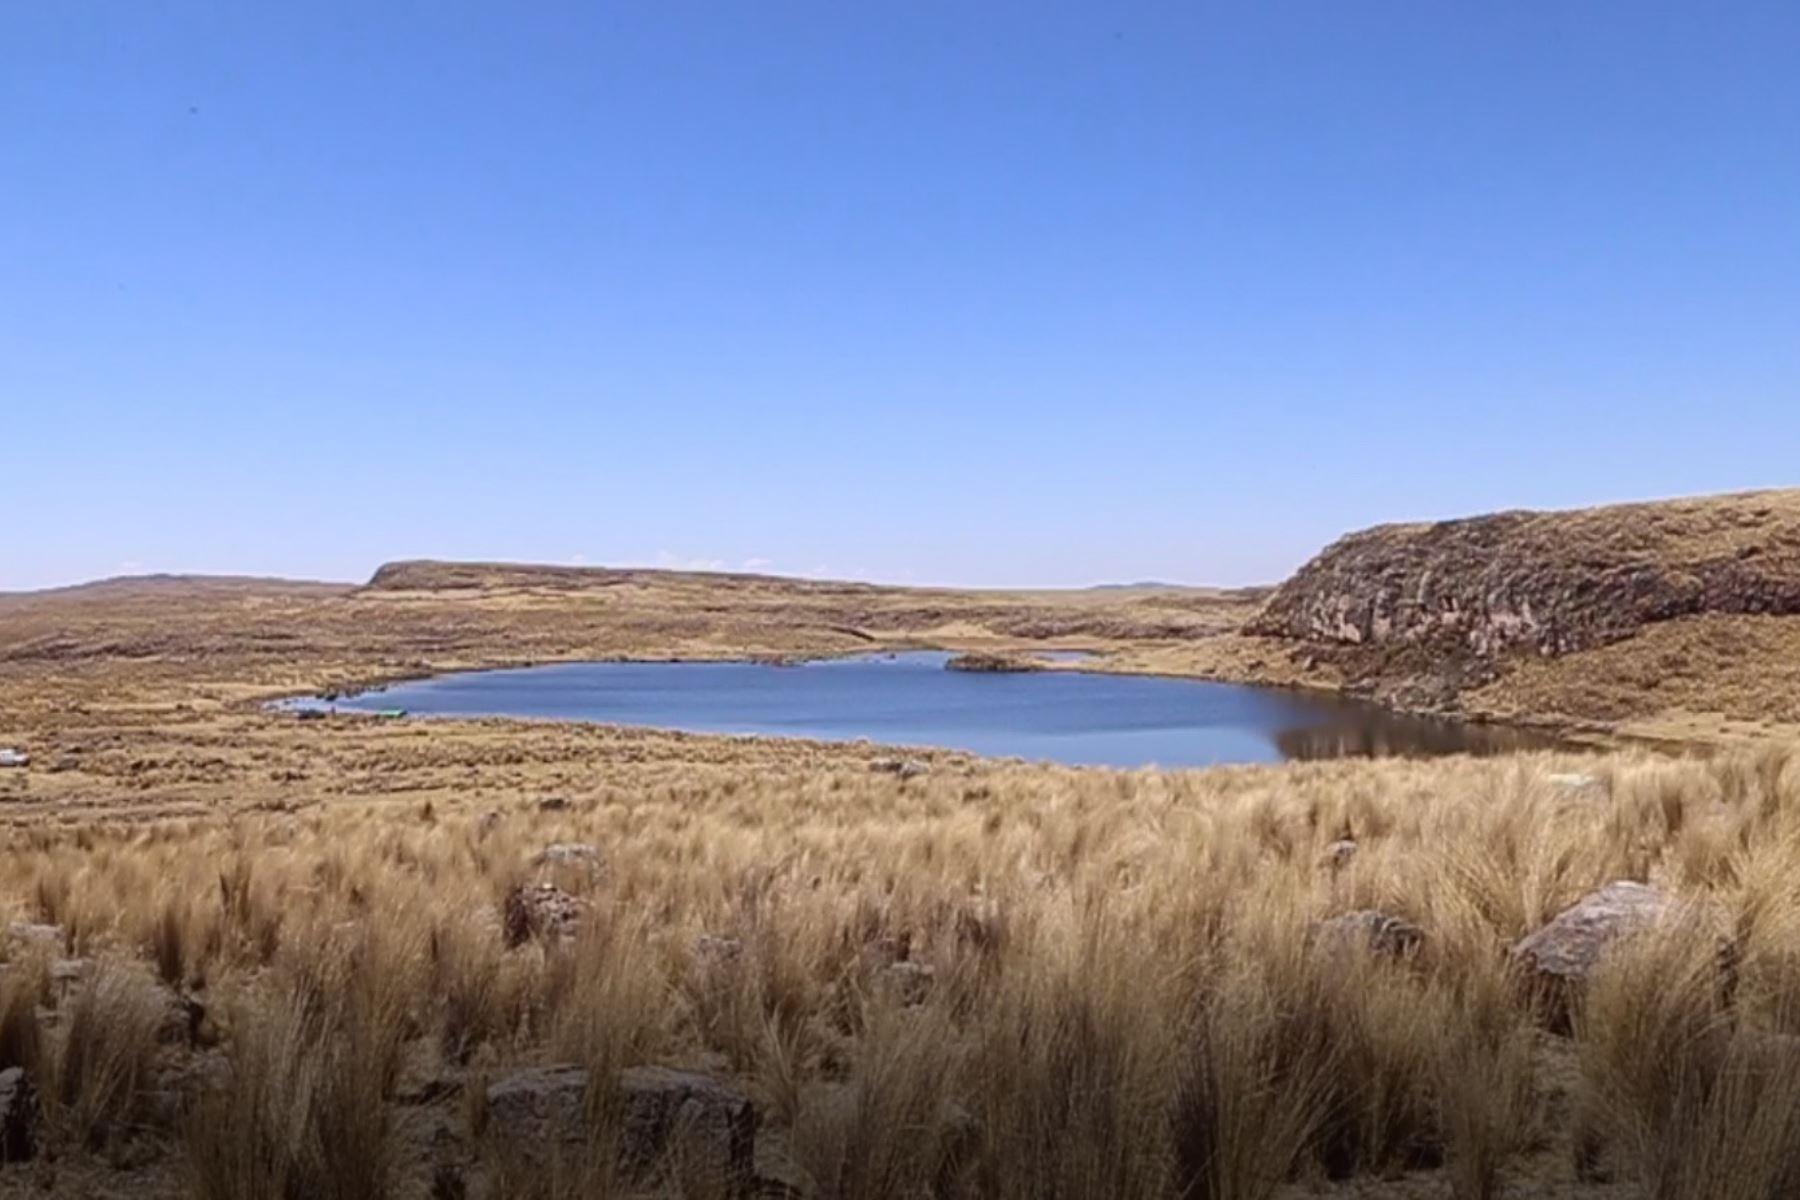 Minagri entregará en setiembre obras de siembra y cosecha de agua en región Ayacucho. ANDINA/Difusión